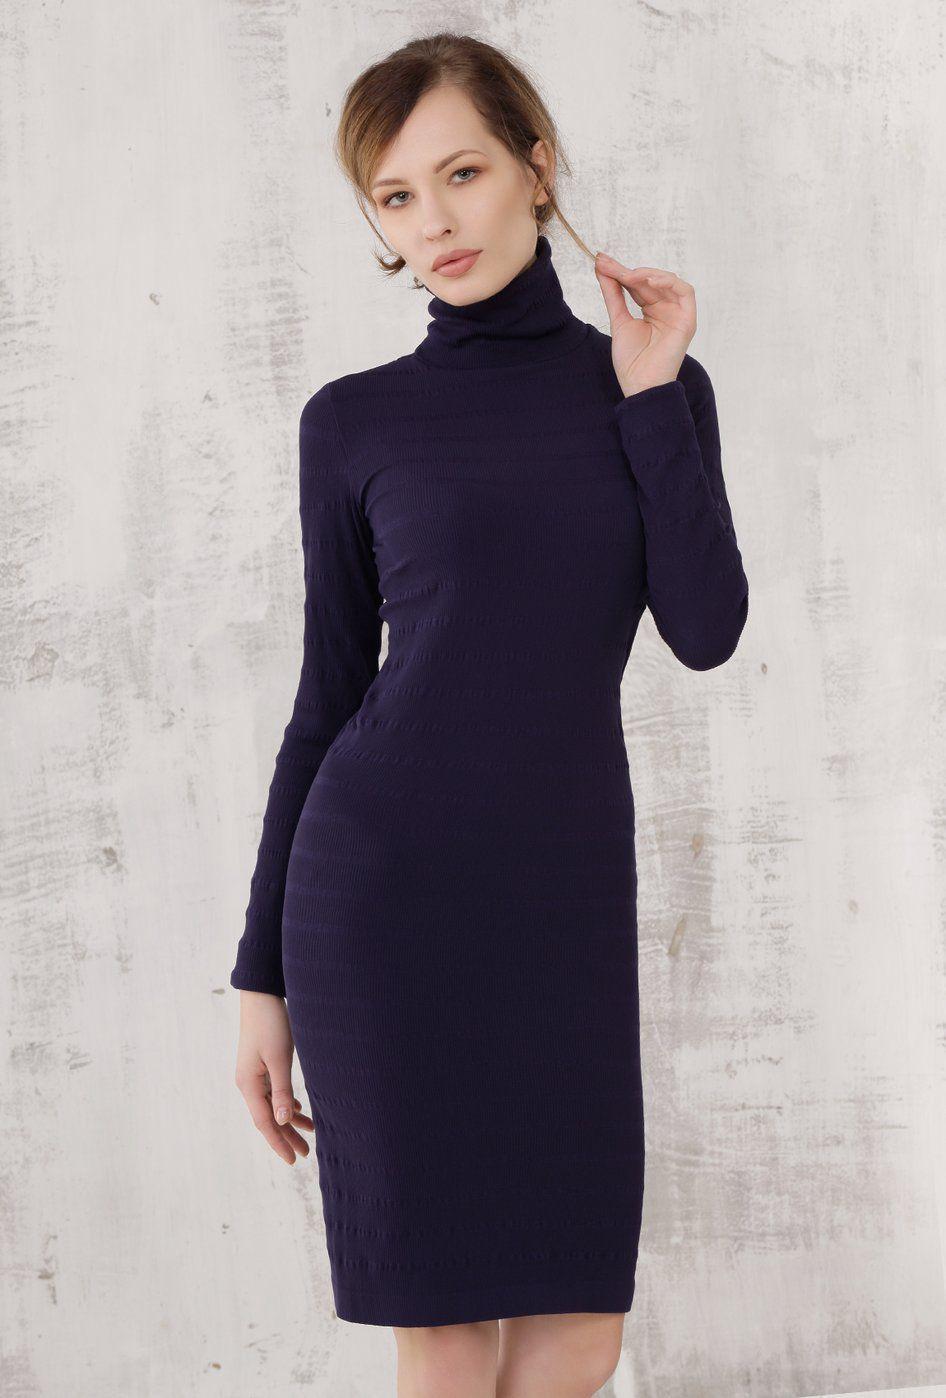 GATTA Sukienka Bandage Dress 5S CARMELITA  r. S (0046545S36292) 0046545S36292 Kleitas sievietēm